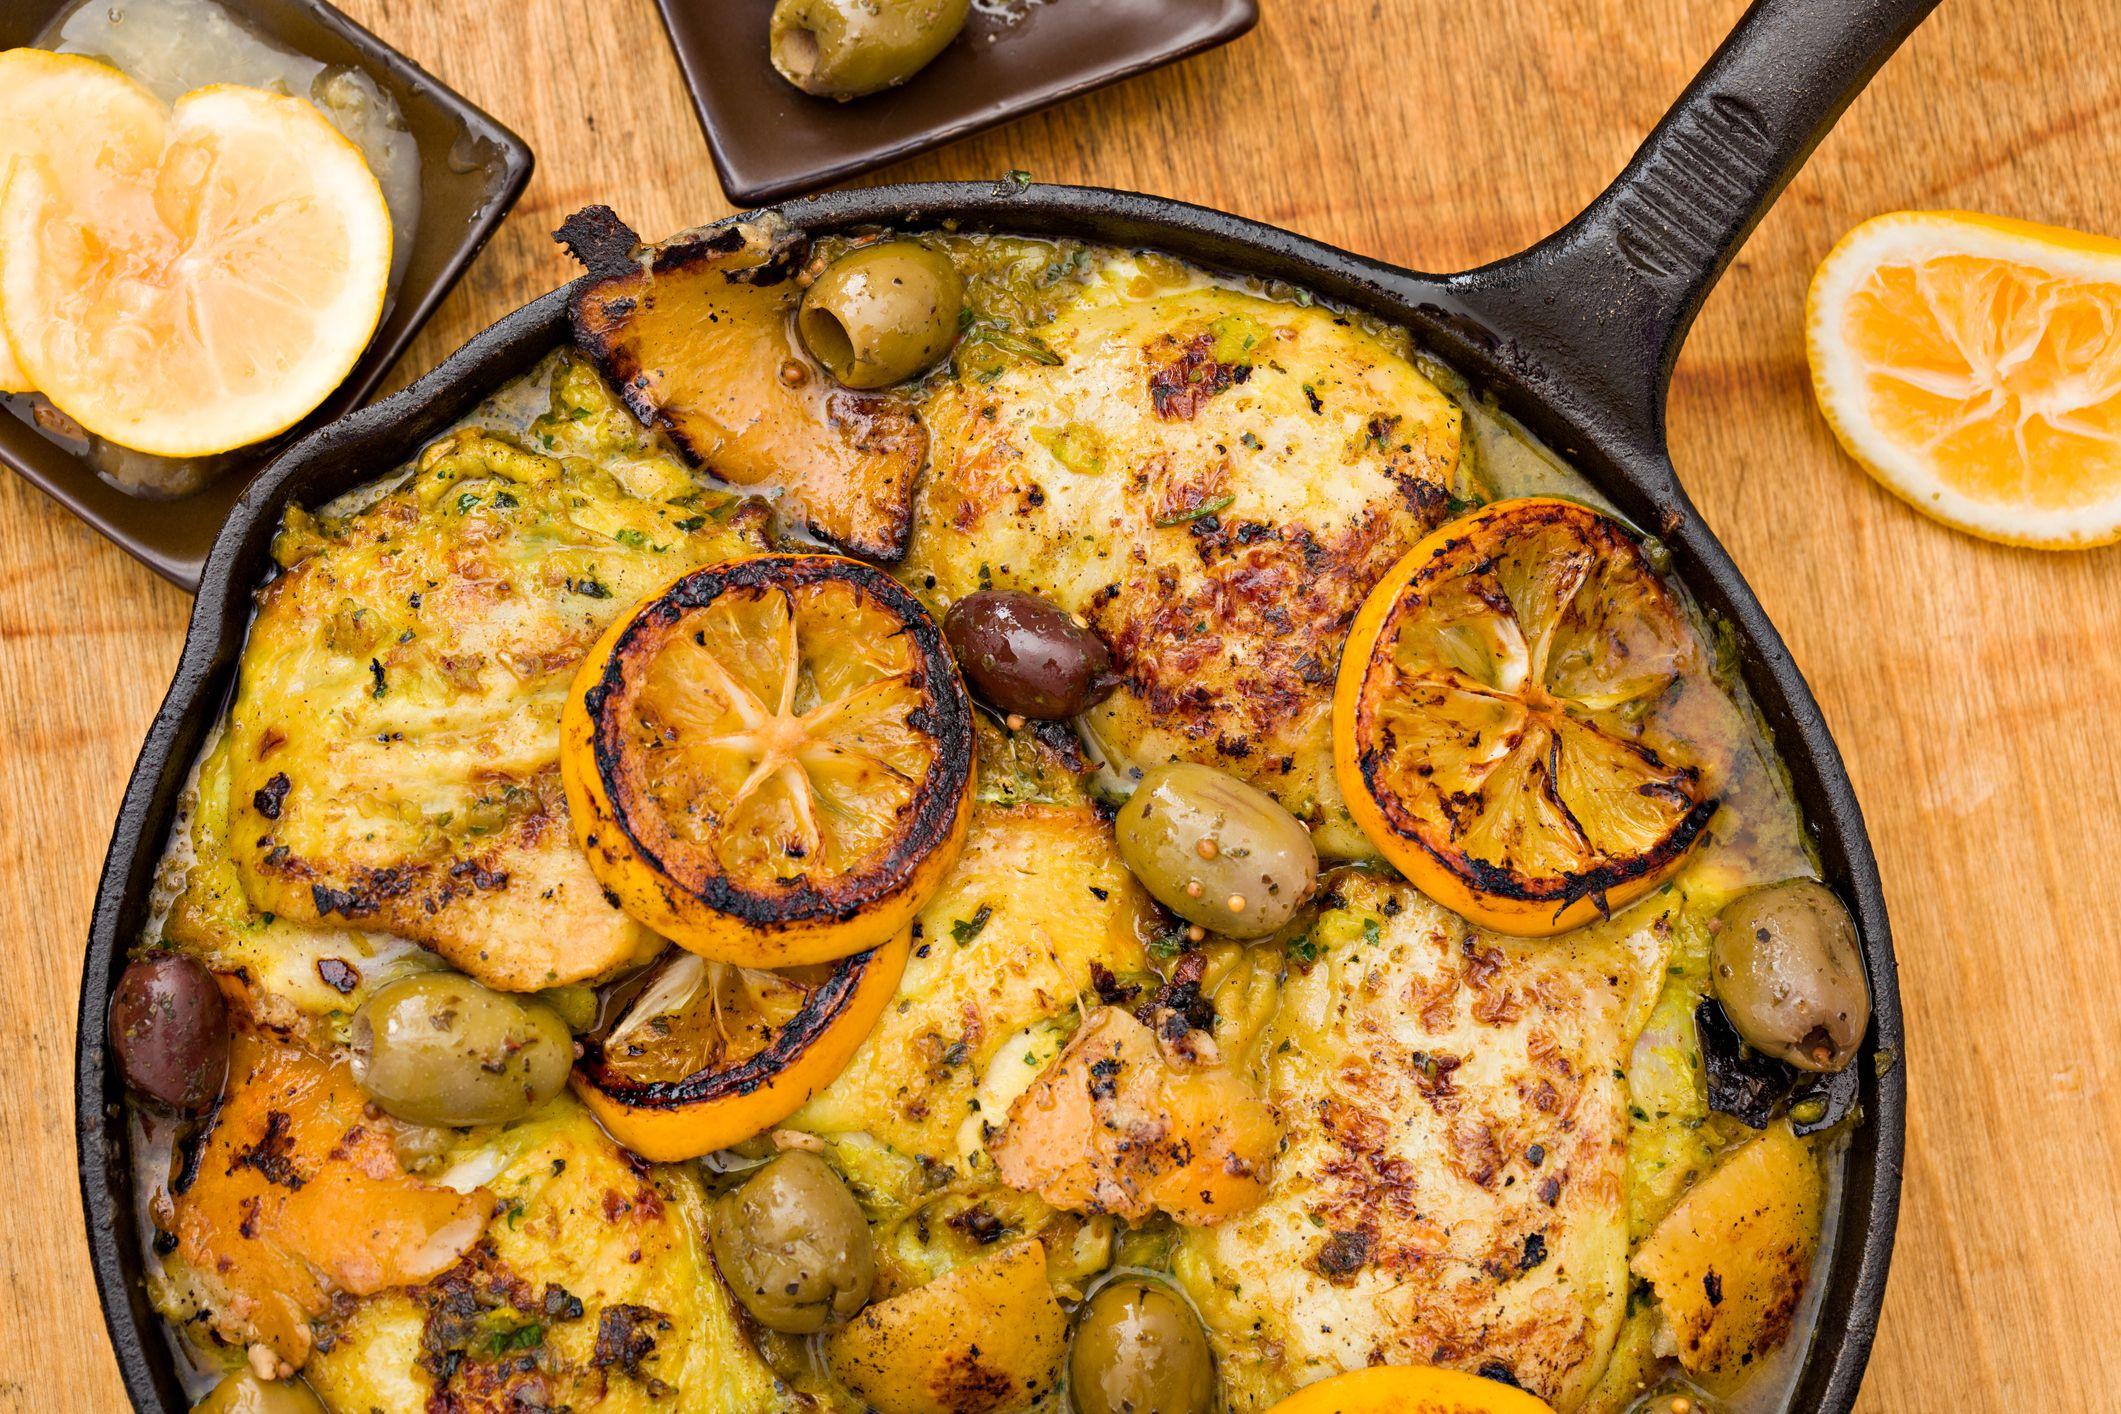 Slow cooker recipes for 2 uk > bi-coa.org